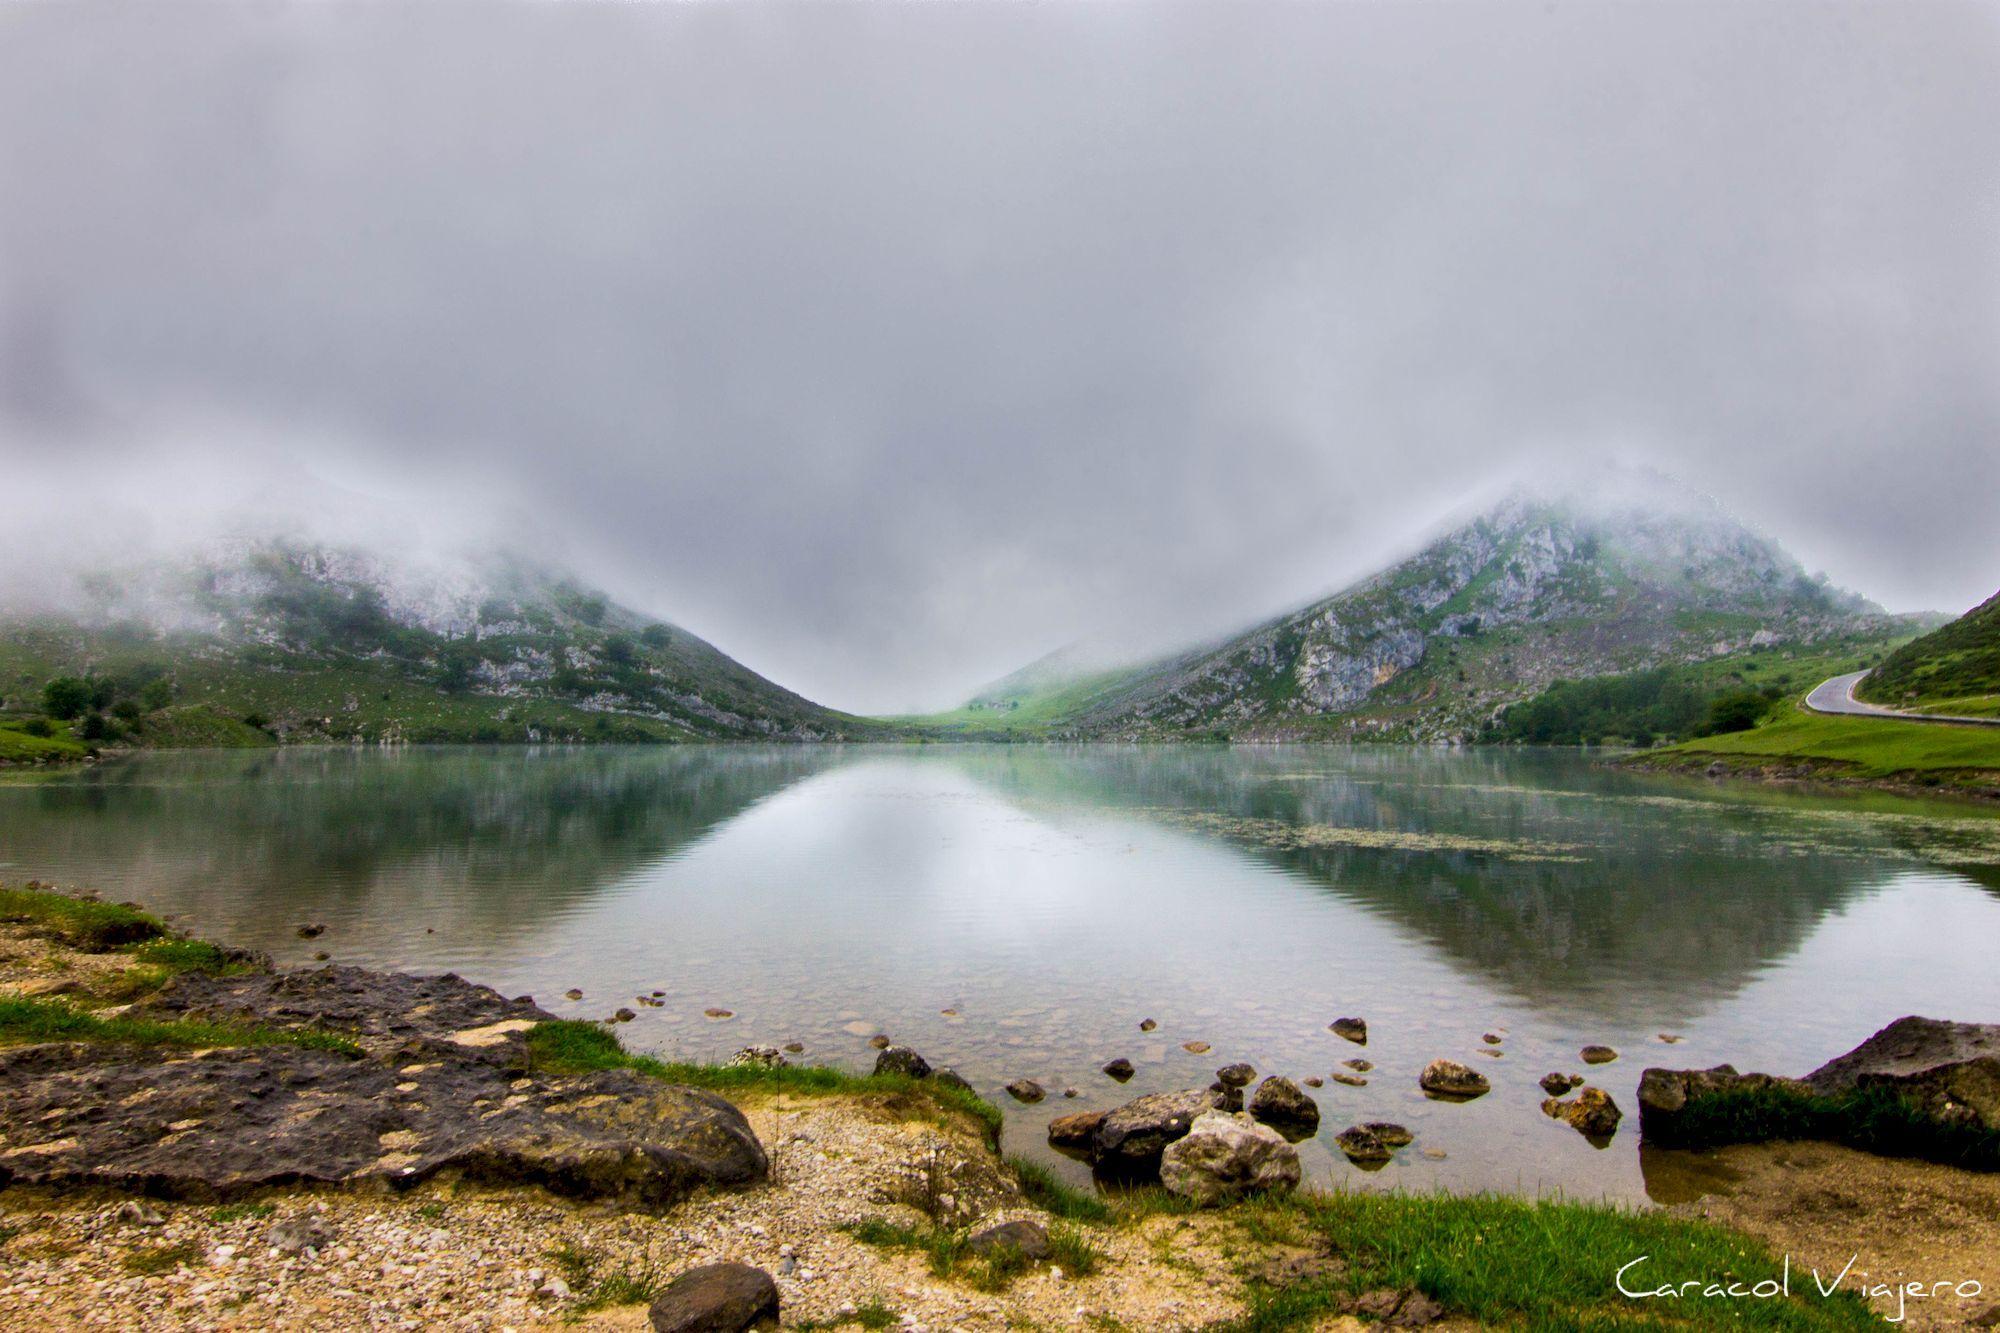 Cómo Llegar A Los Lagos De Covadonga Caracol Viajero Lagos De Covadonga Asturias Turismo Parques Naturales